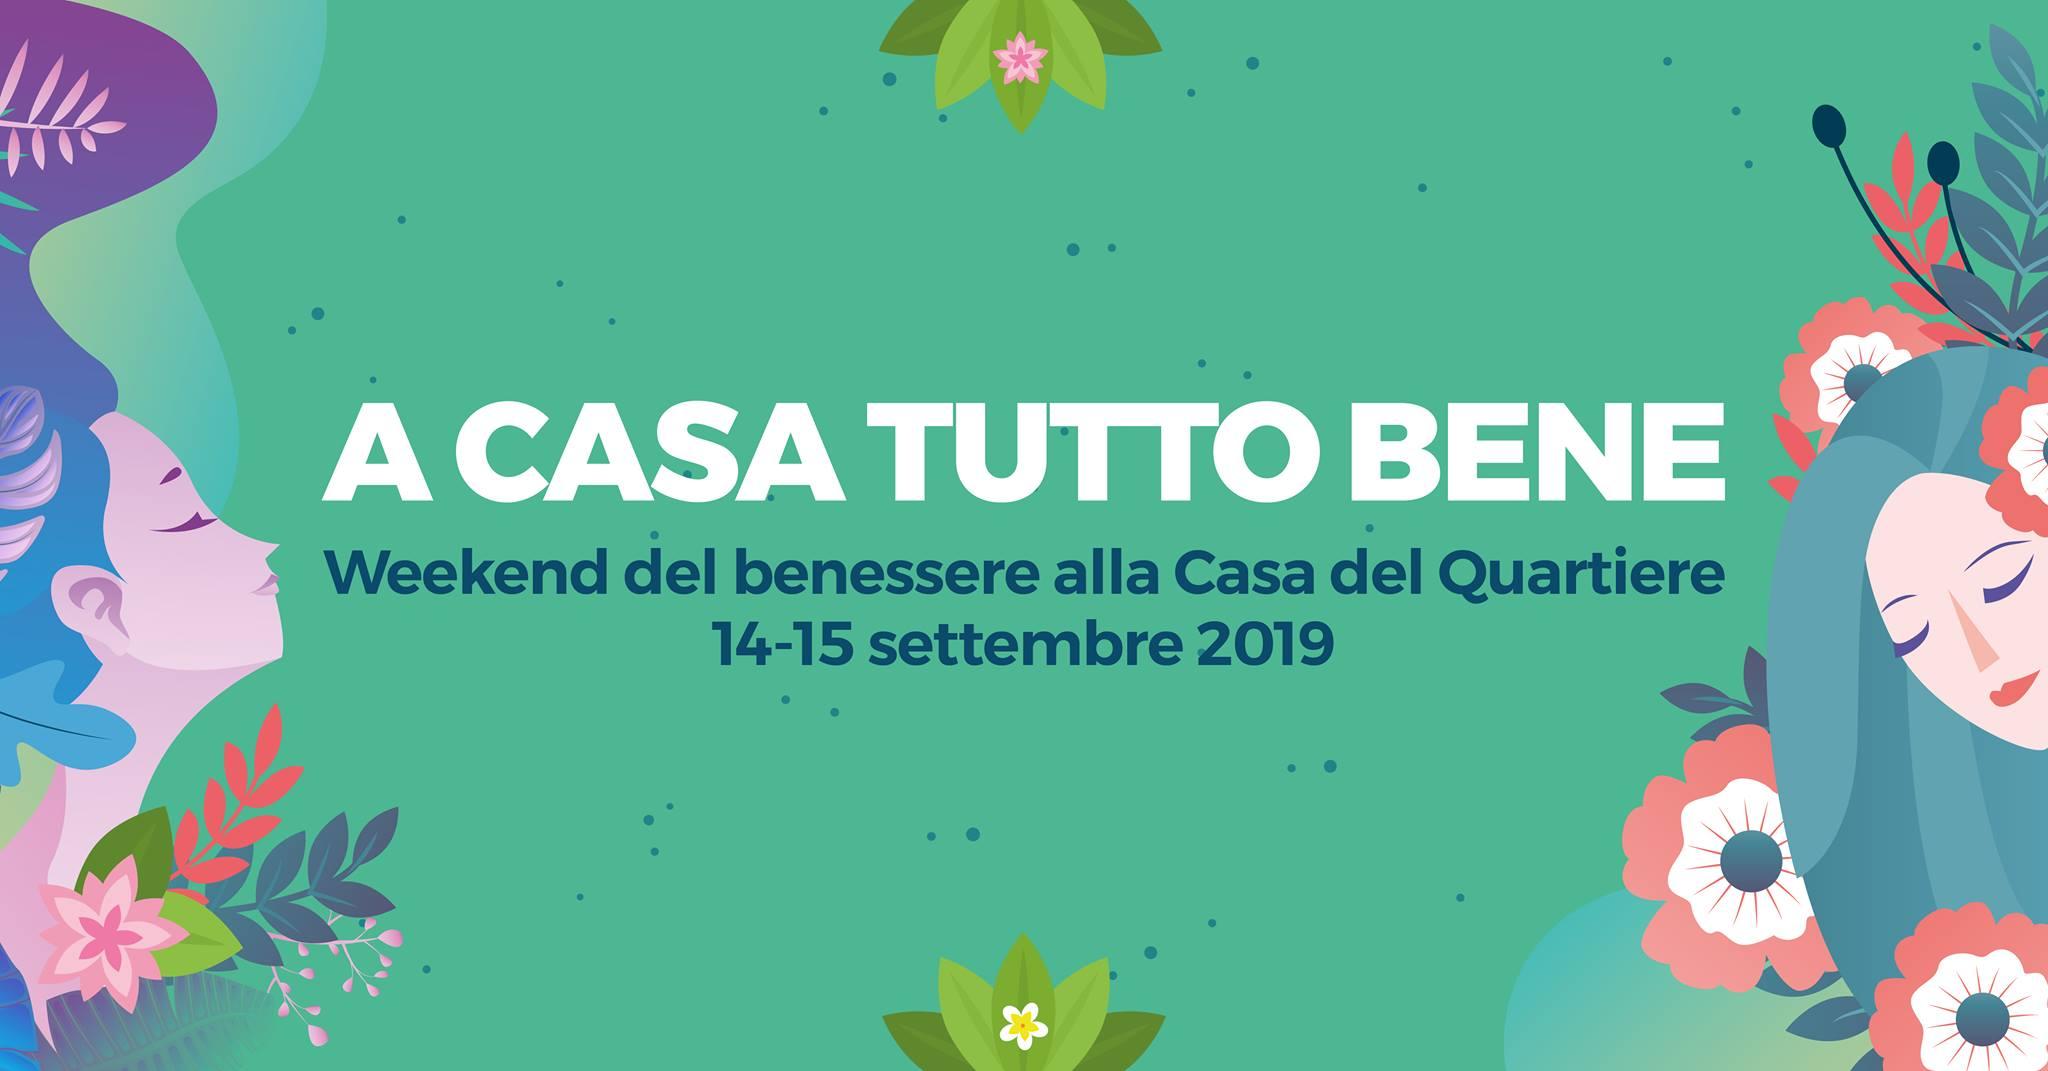 A CASA TUTTO BENE: weekend del Benessere alla Casa del Quartiere di San Salvario